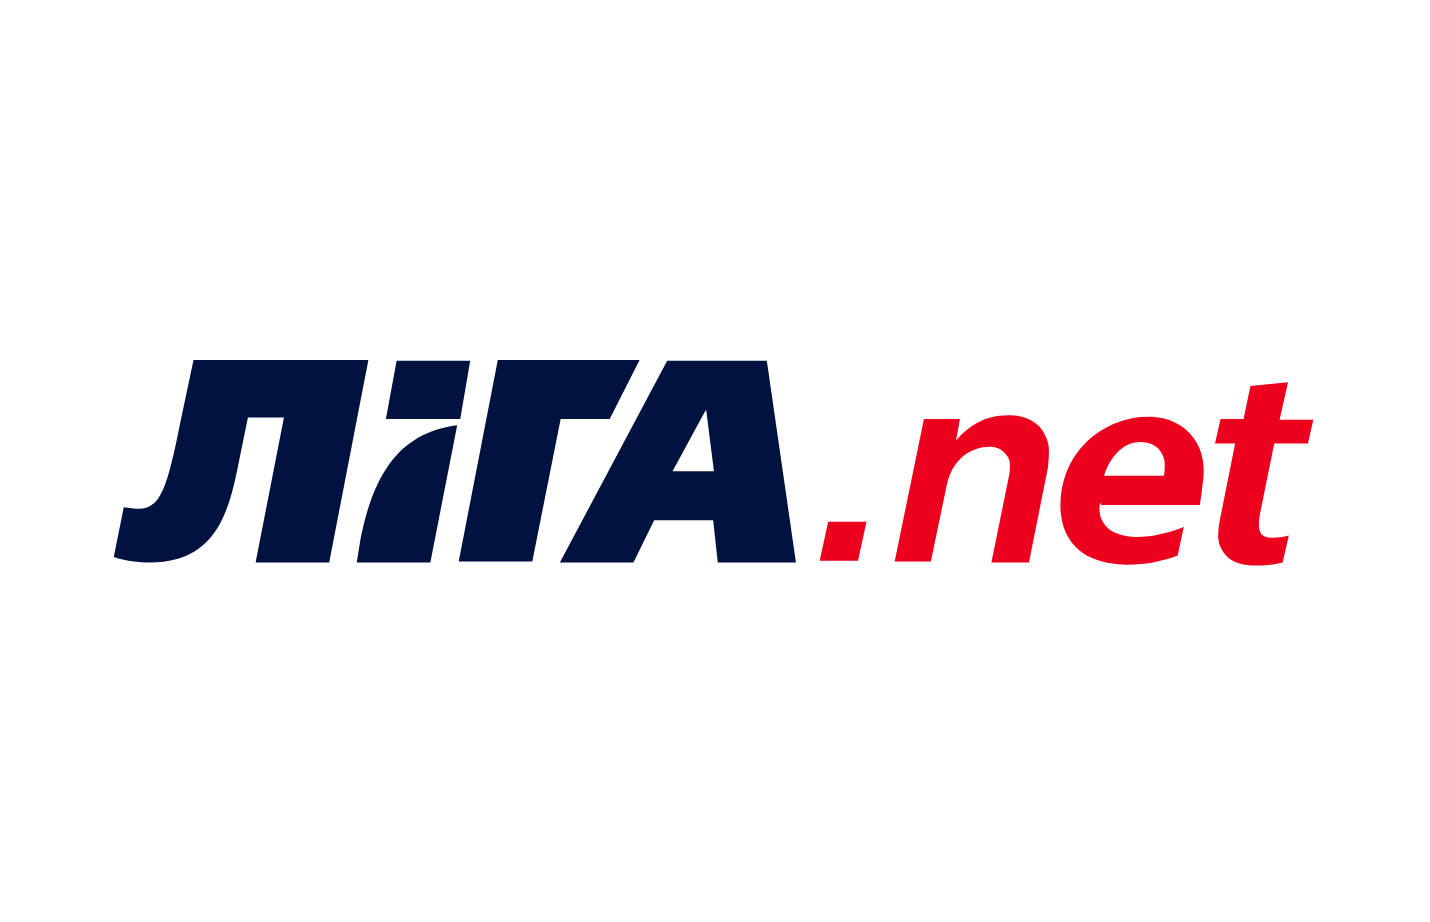 Liga.net шукає редактора стрічки новин, редакторів до відділу погляди та лайфстайл-тематики